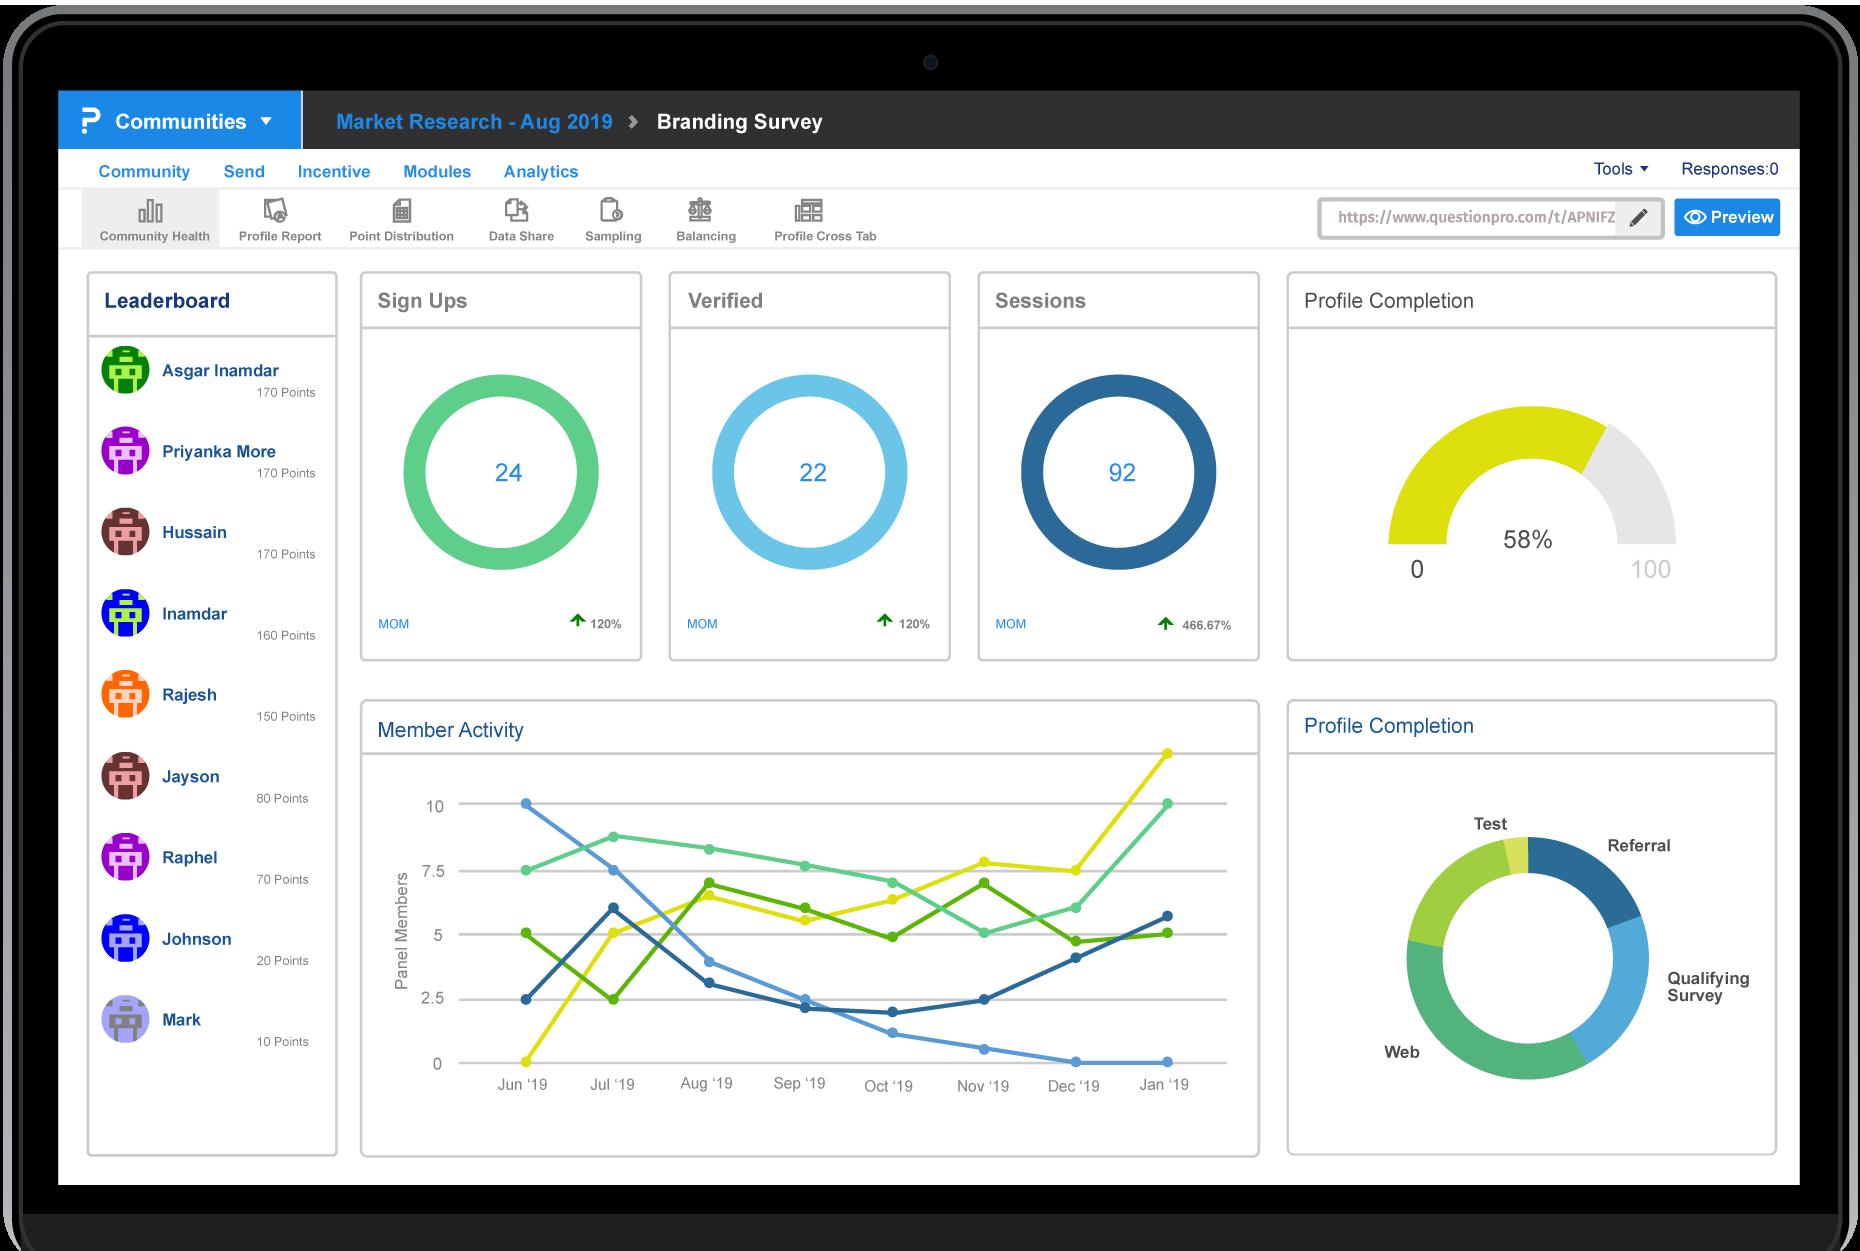 Übersichtliches Innovationsmanagement-Dashboard zur Innovationsanalyse